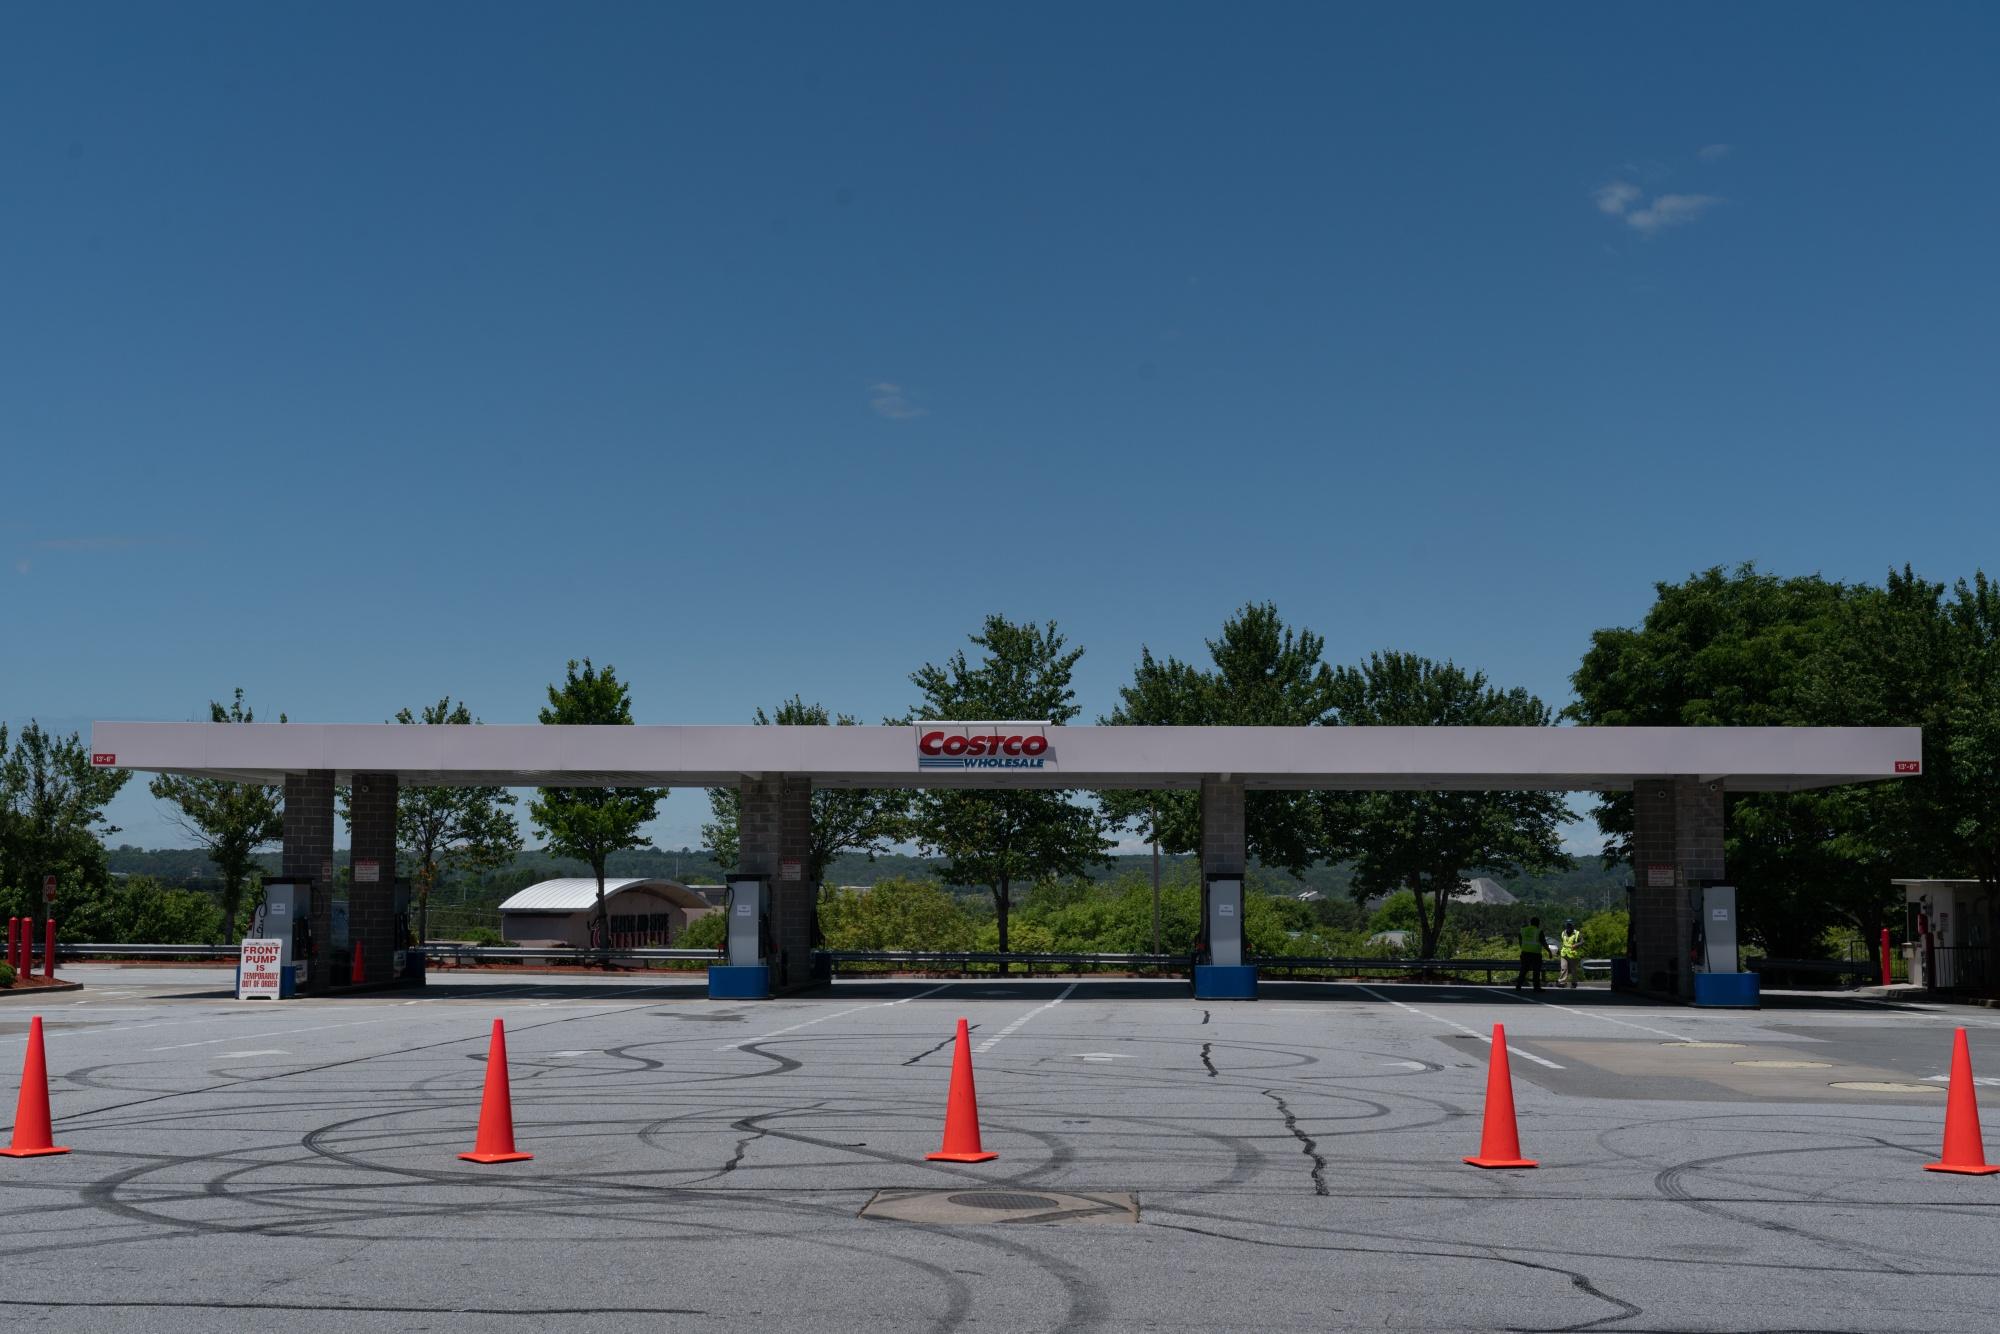 ステーションの燃料がなくなると、ガソリン価格が上昇します